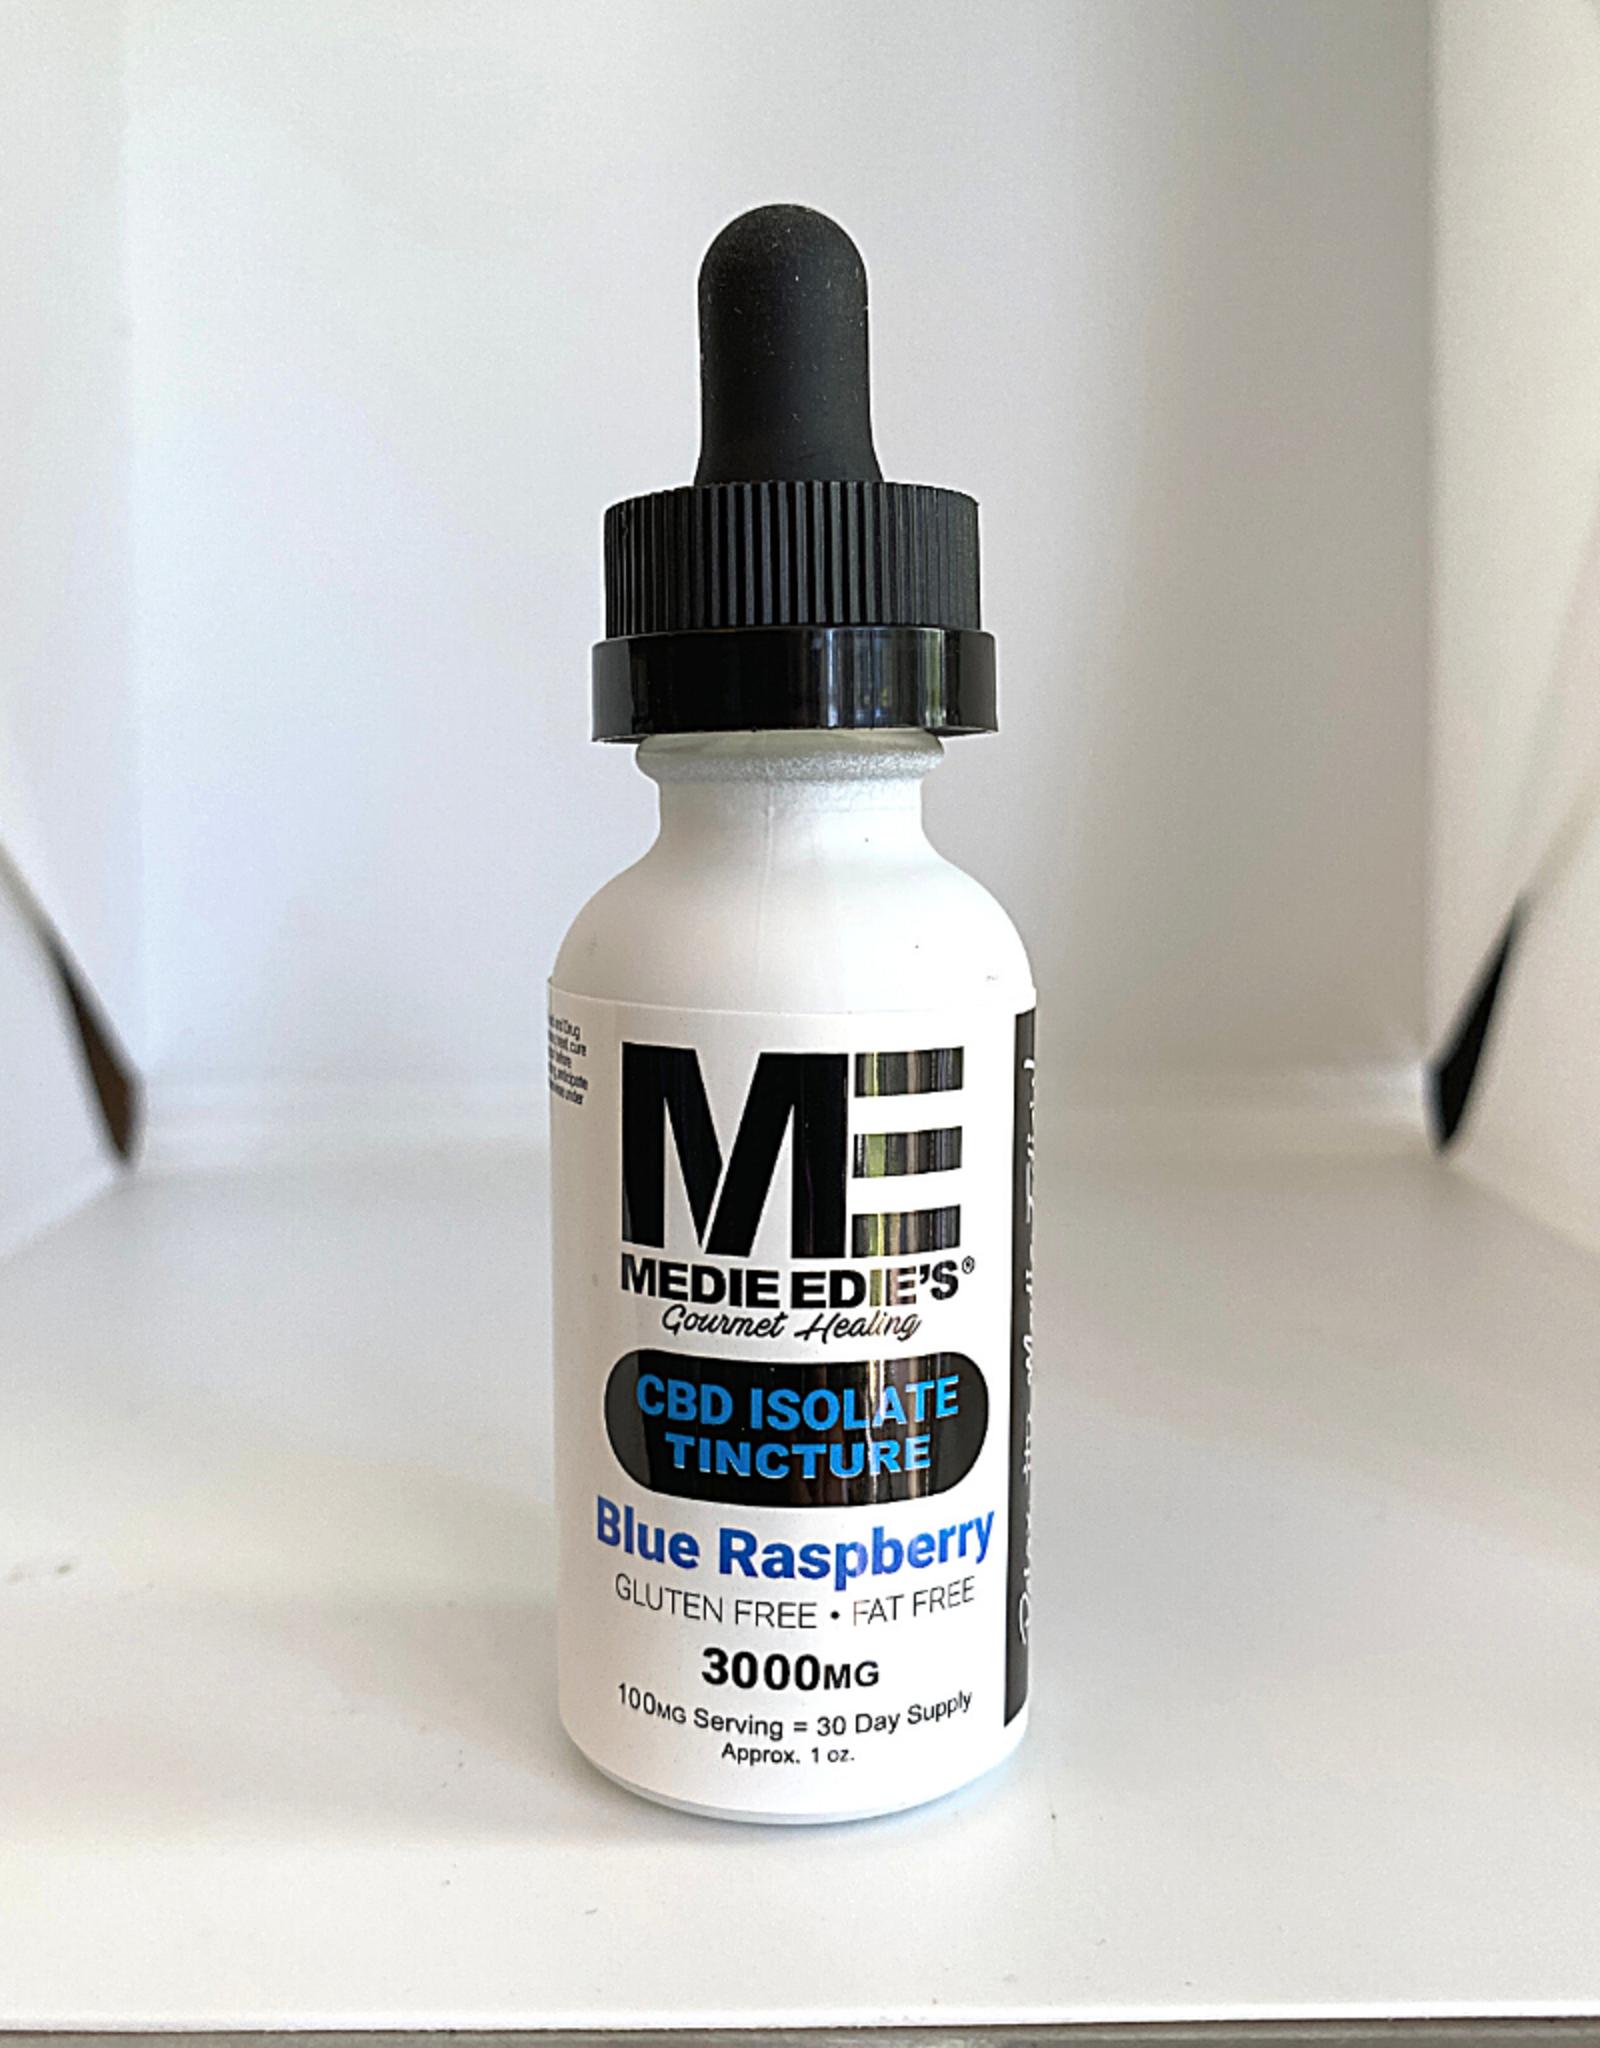 Medie Edie's Medie Edie's 30ml  CBD Tincture Blue Raspberry- 100mg.3000mg